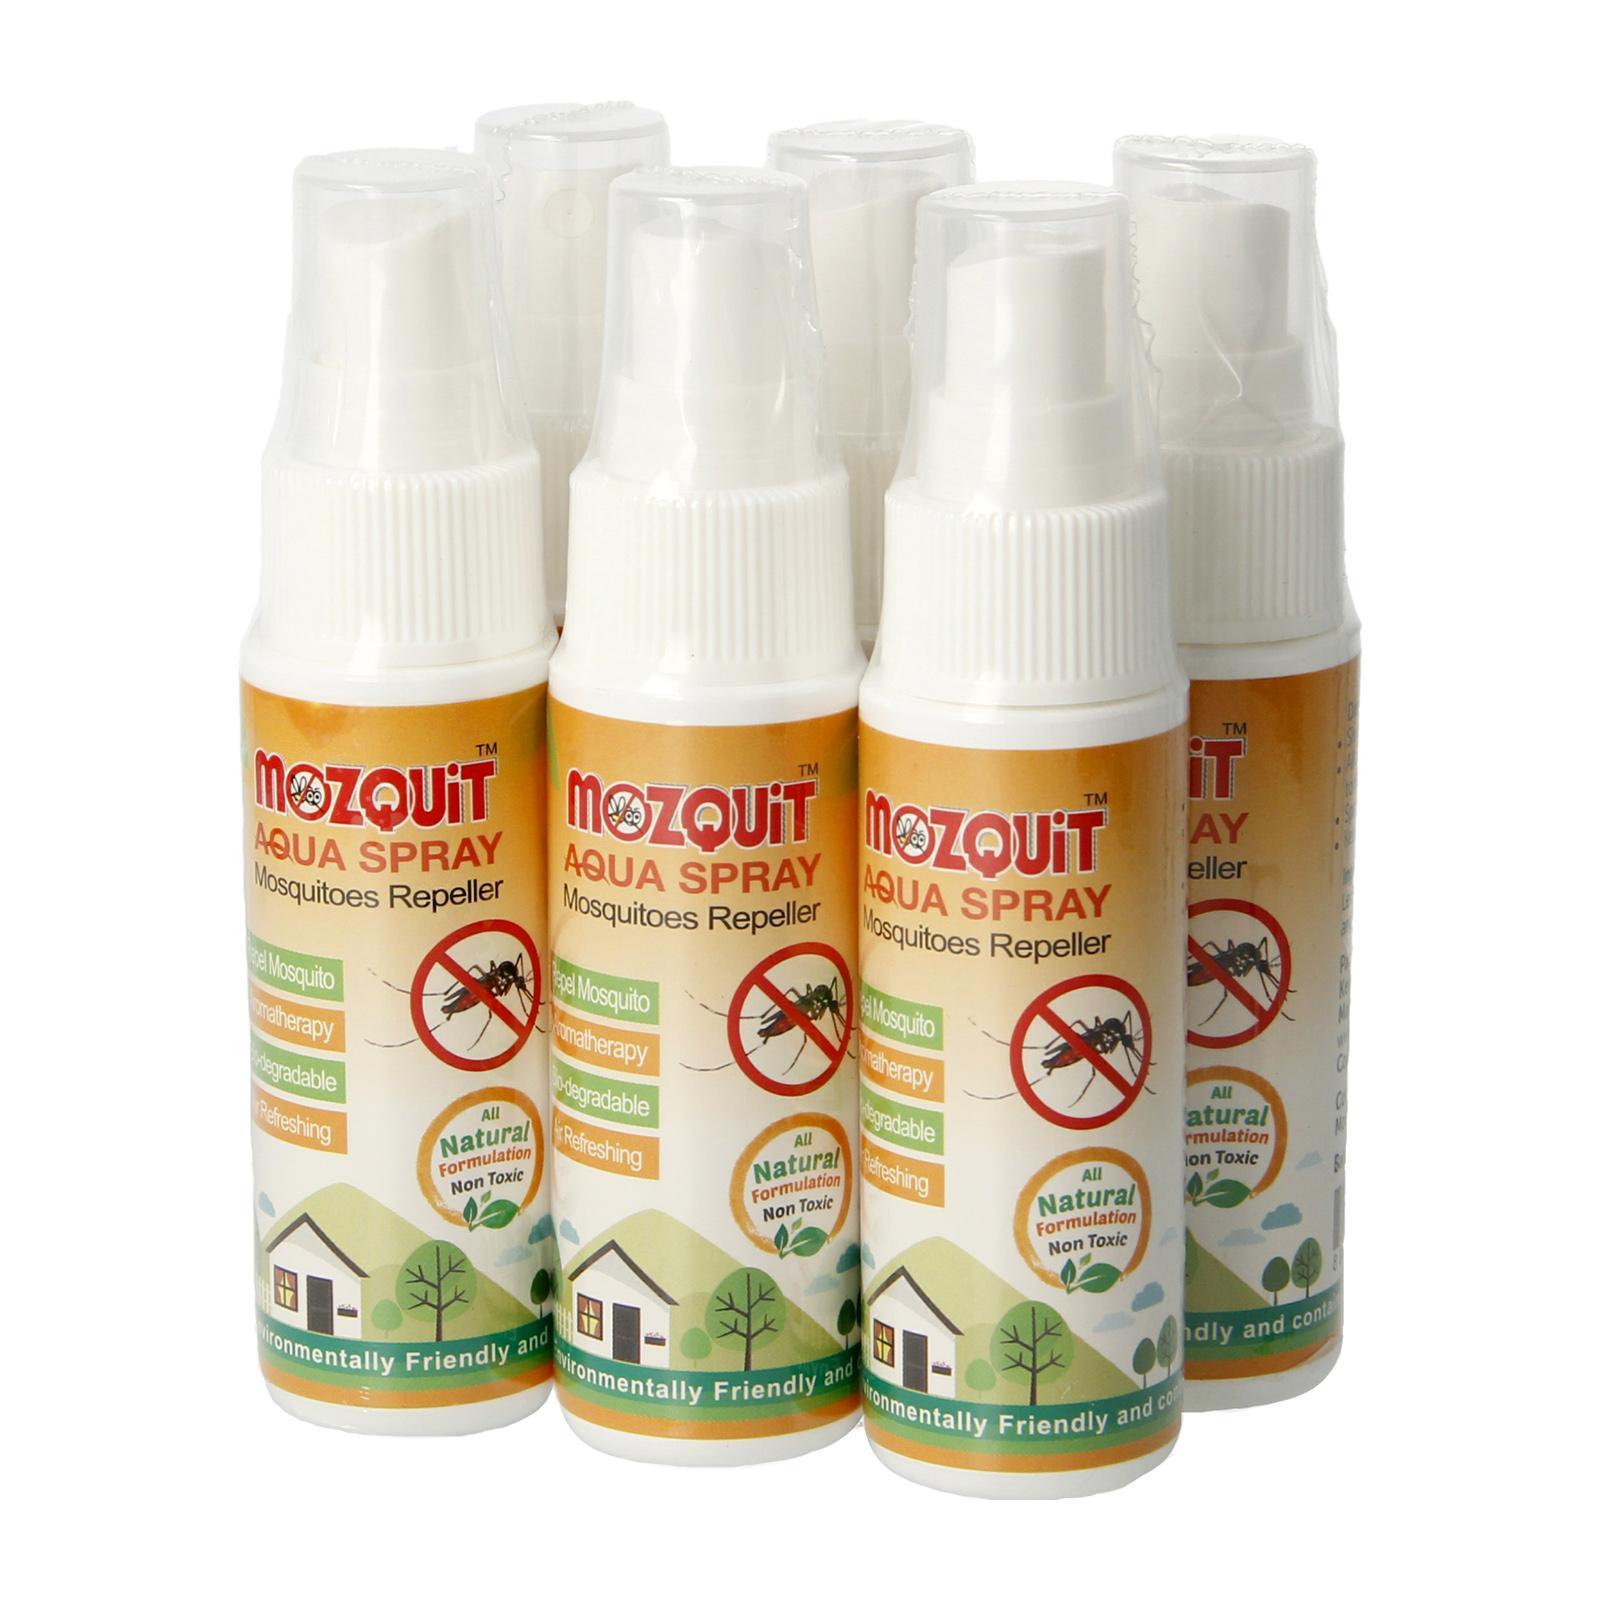 Mozquit Mosquito Repellent Aqua Spray (Bundle Of 6)